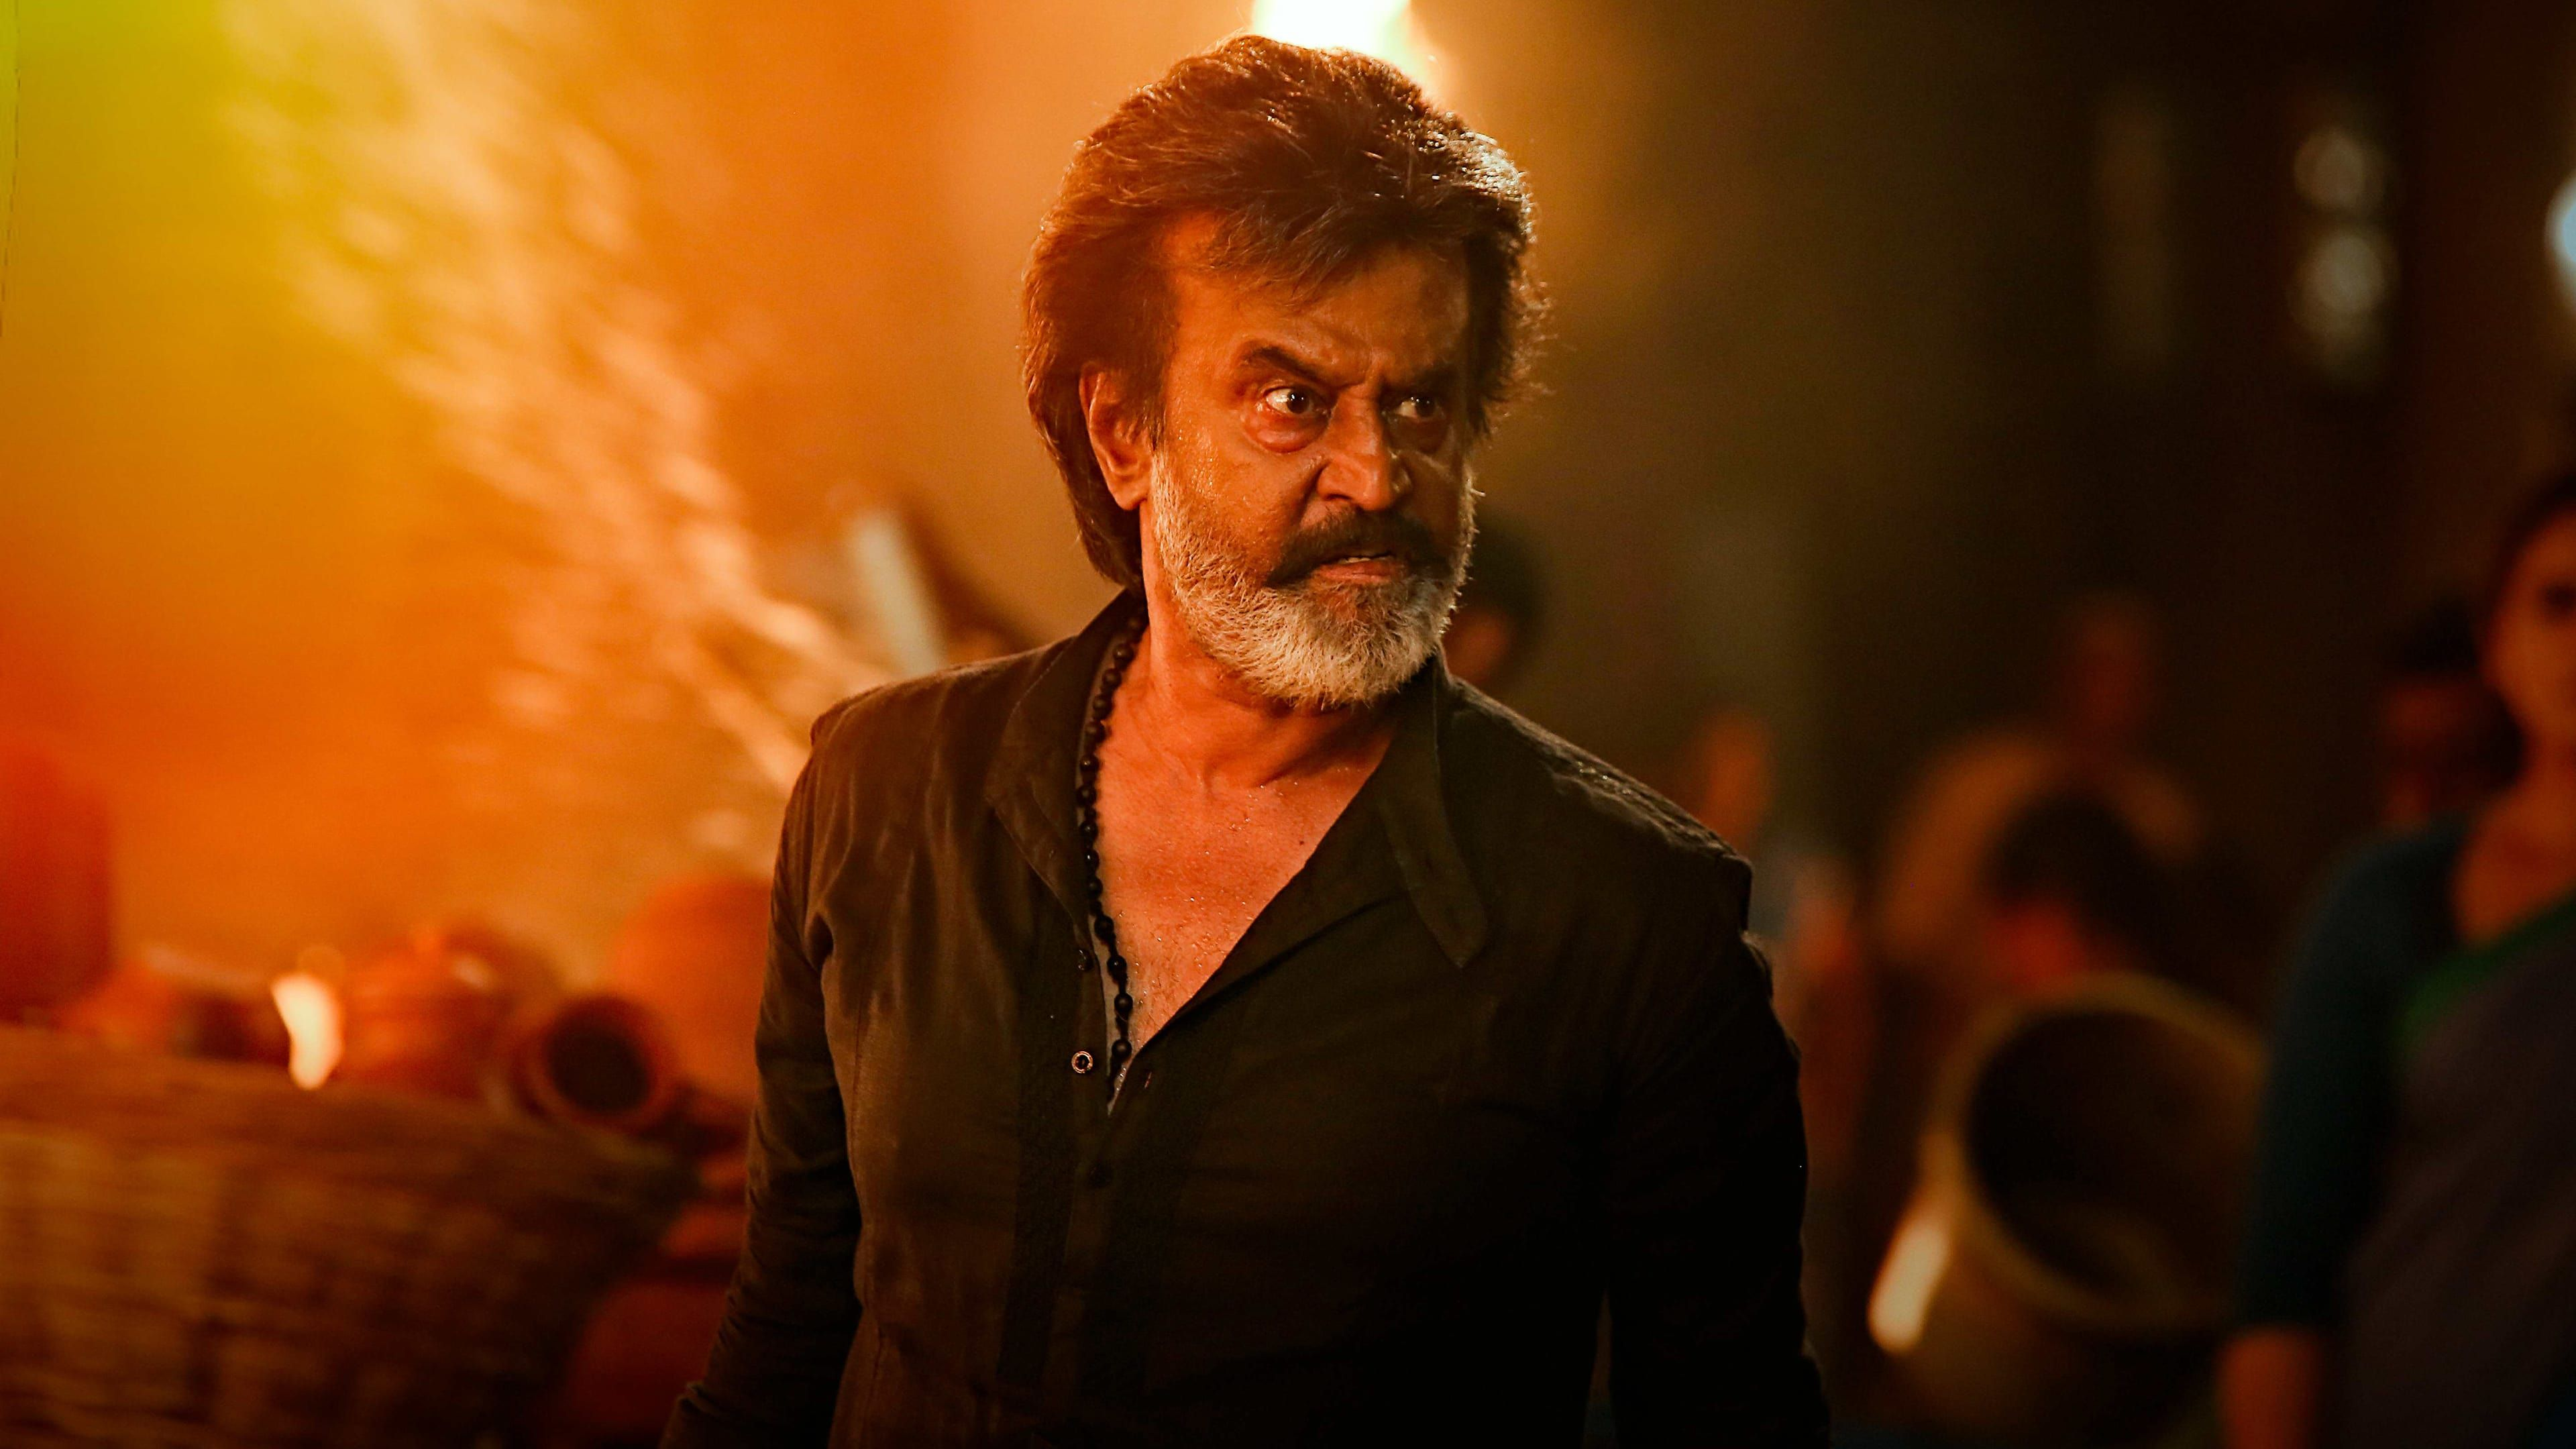 Pin by Surendra Poonamalli on Telugu Movies, Tamil